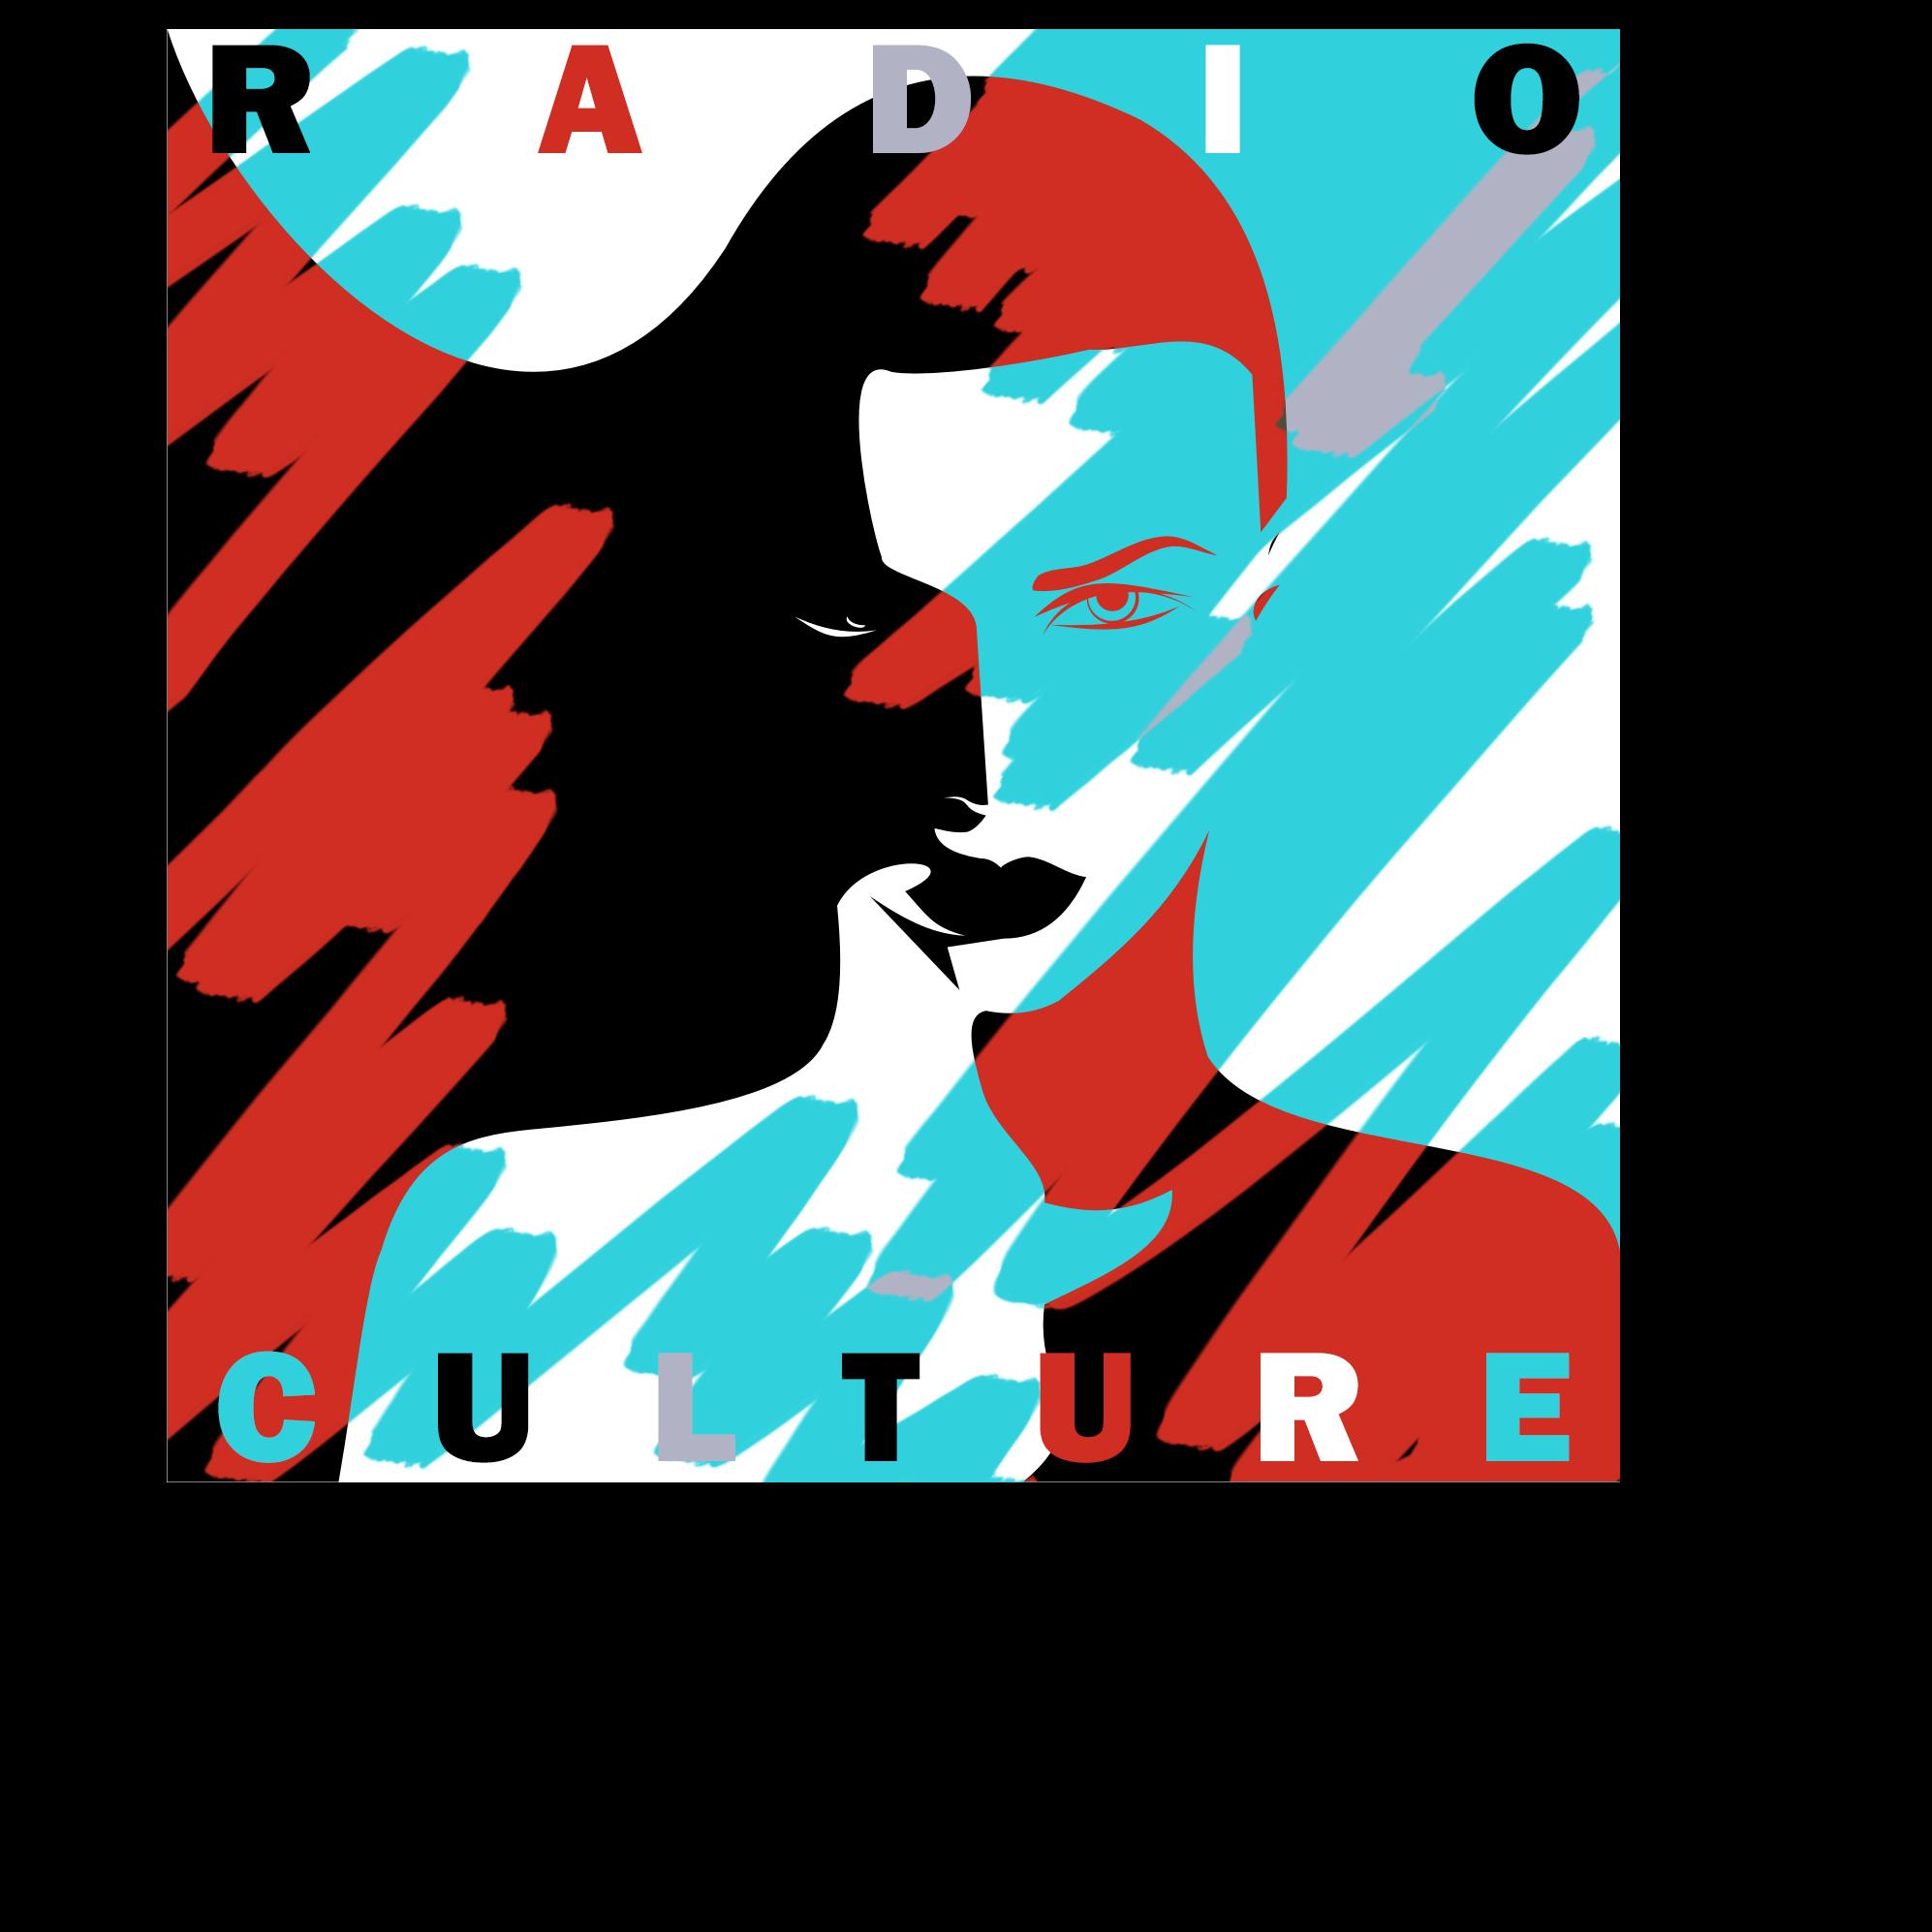 Radio Culture